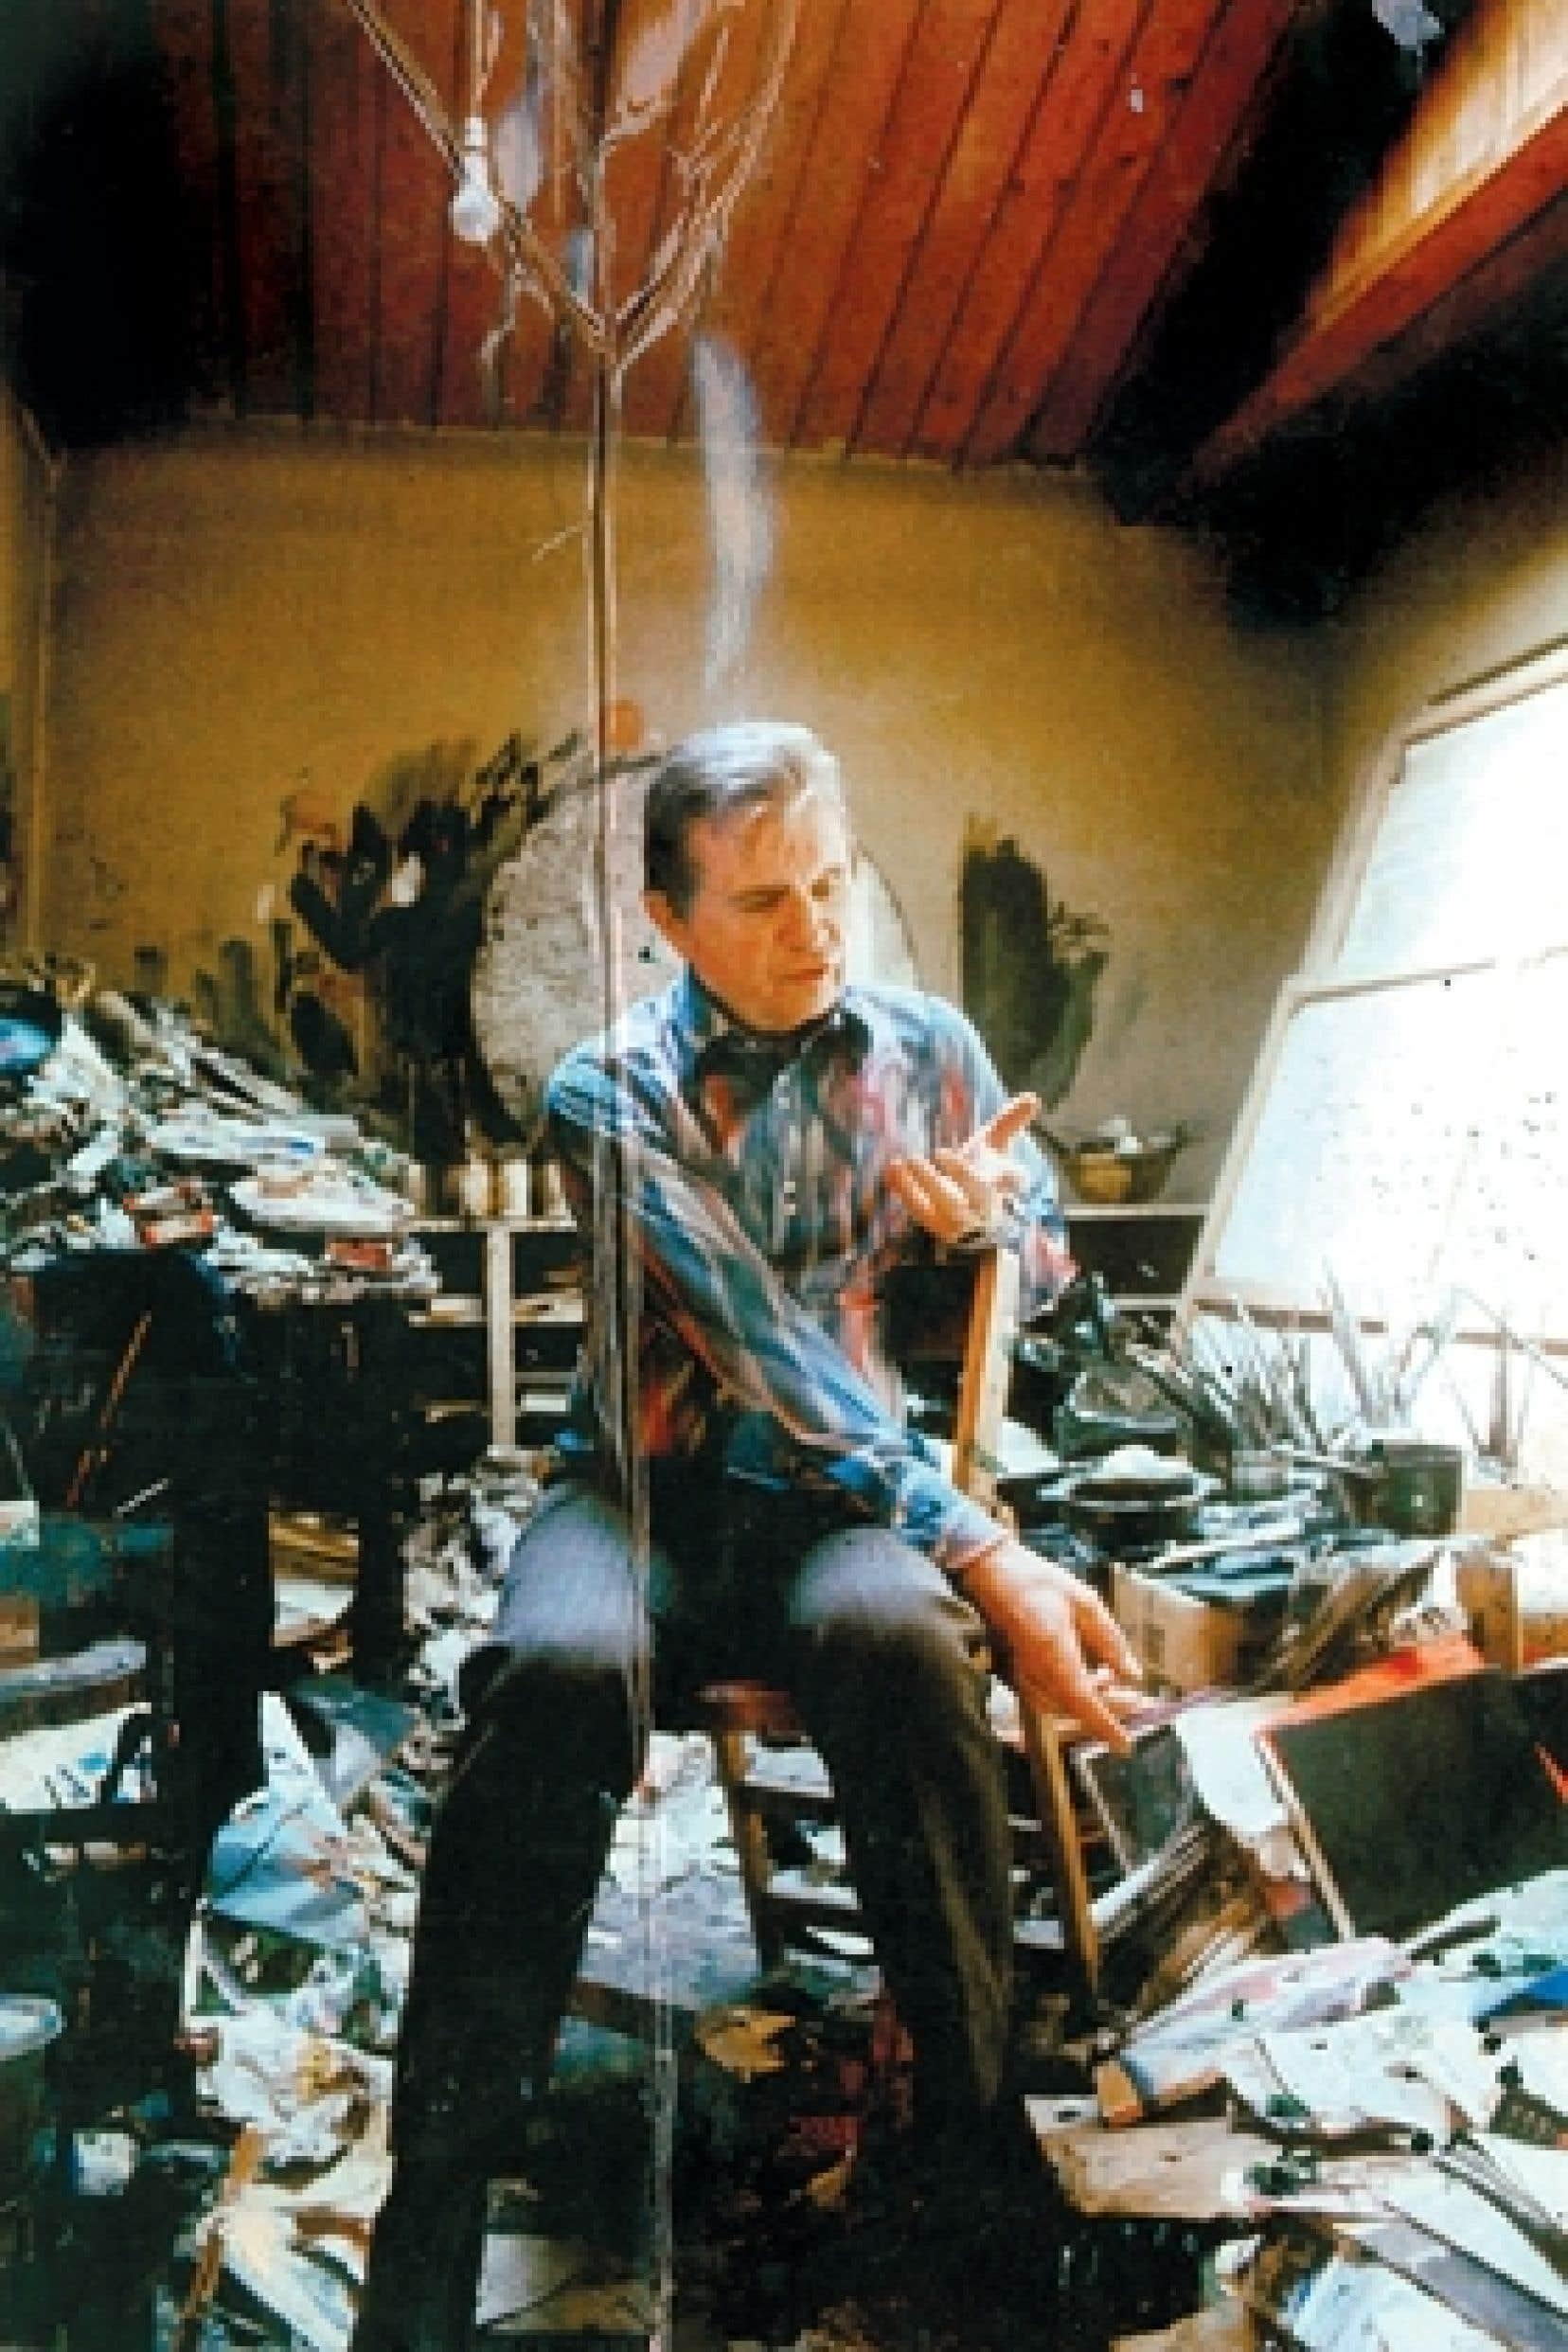 Francis Bacon dans l'atelier de Reece Mews (South Kensington), 1974, photographie de Michael Holz